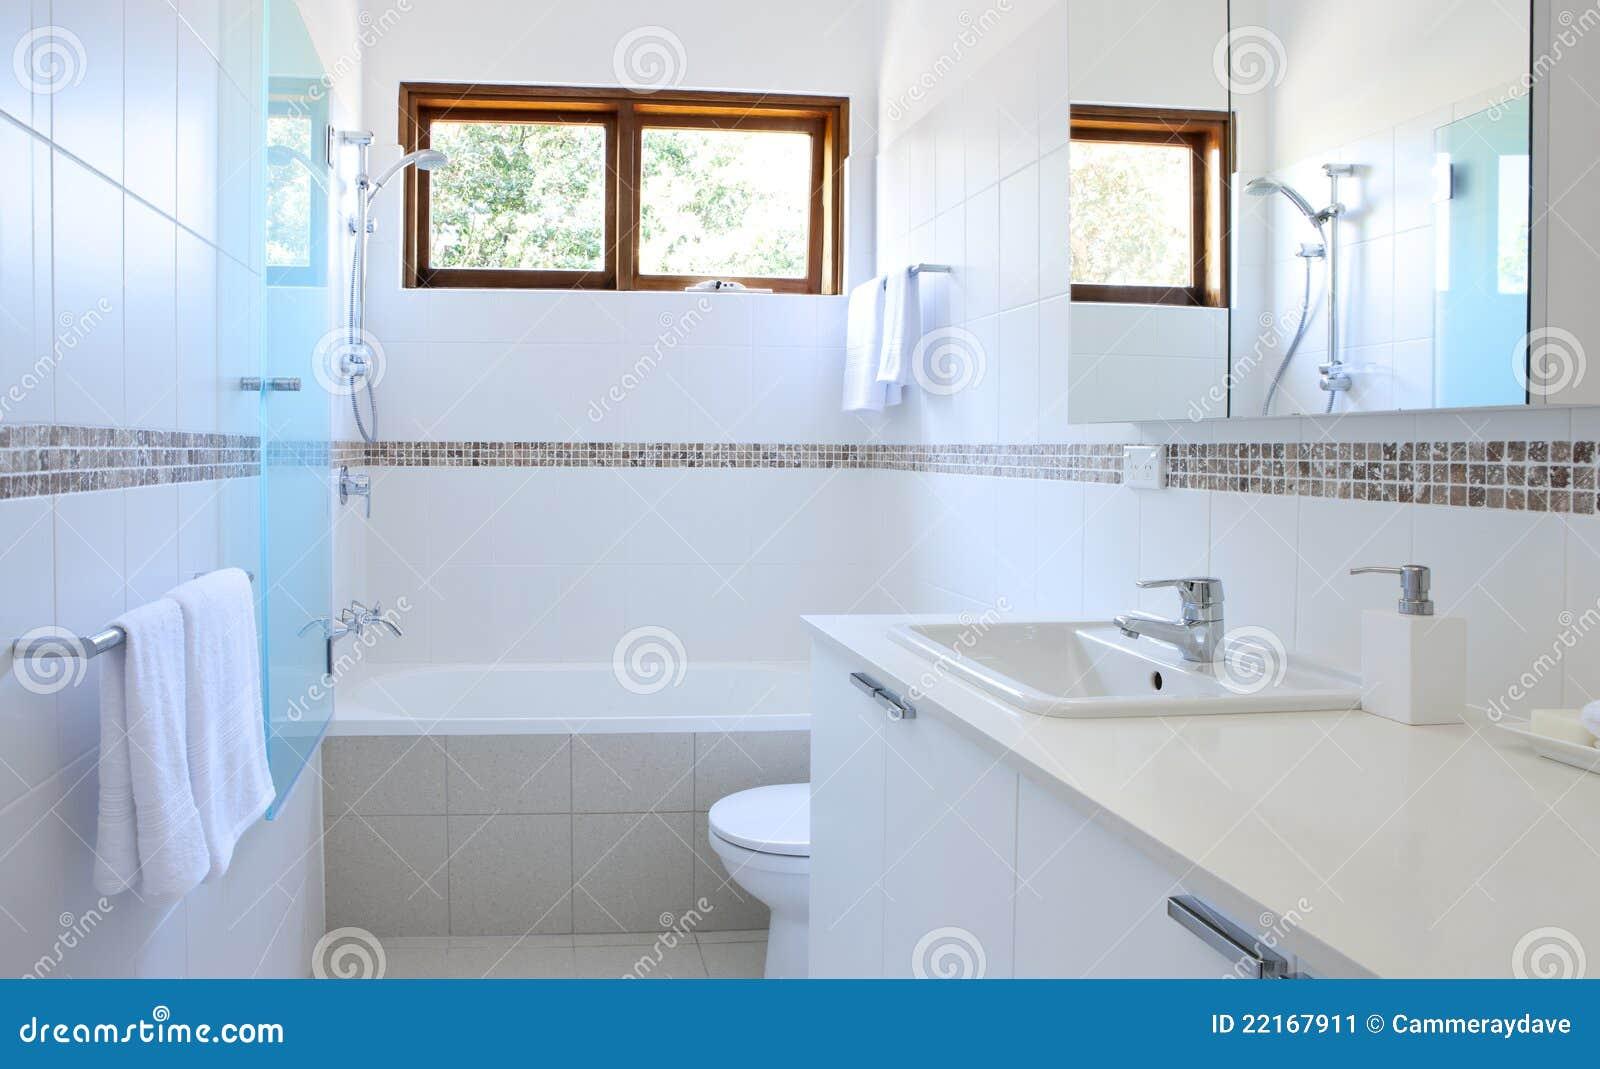 White bathroom stock image image 22167911 - Salle de bain blanche et bleu ...